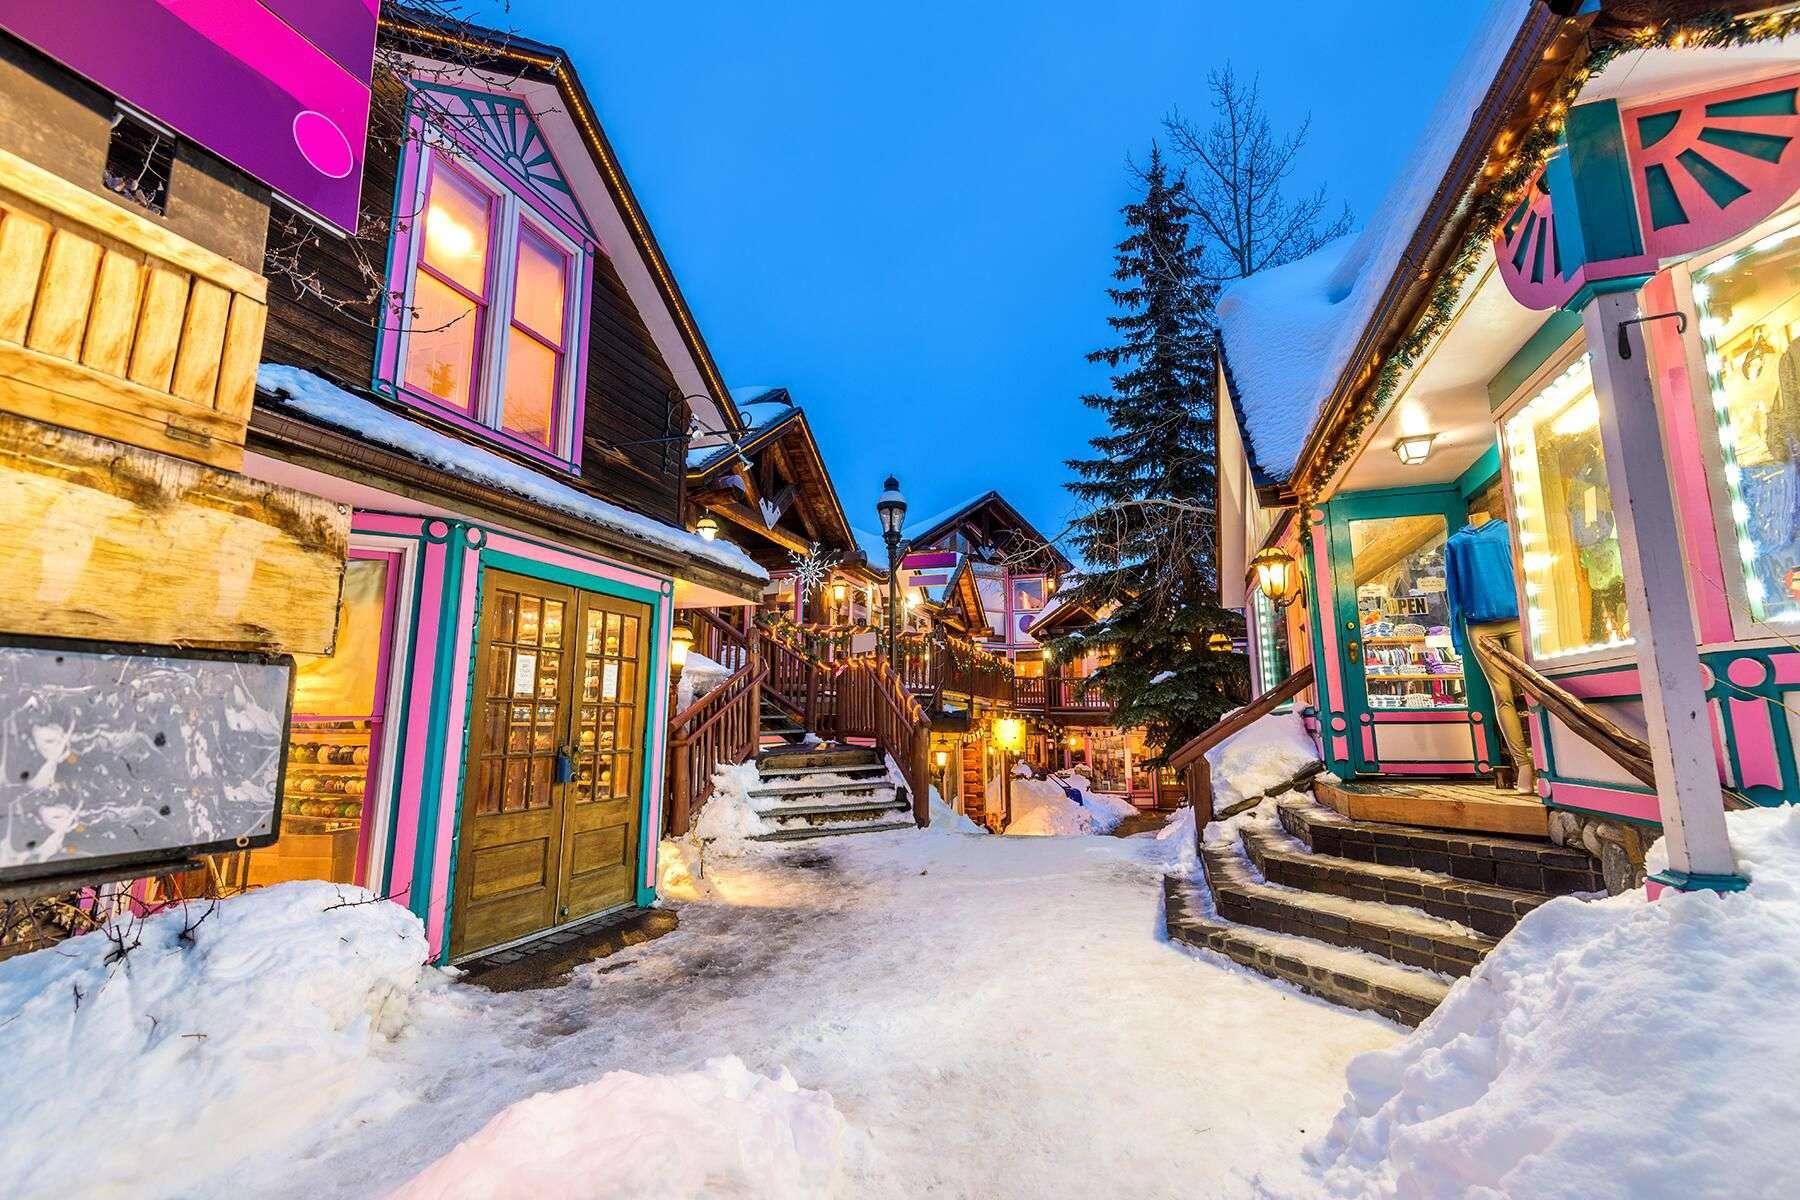 10 Najboljih Ski centara u Sjedinjenim Državama za ovu zimsku sezonu